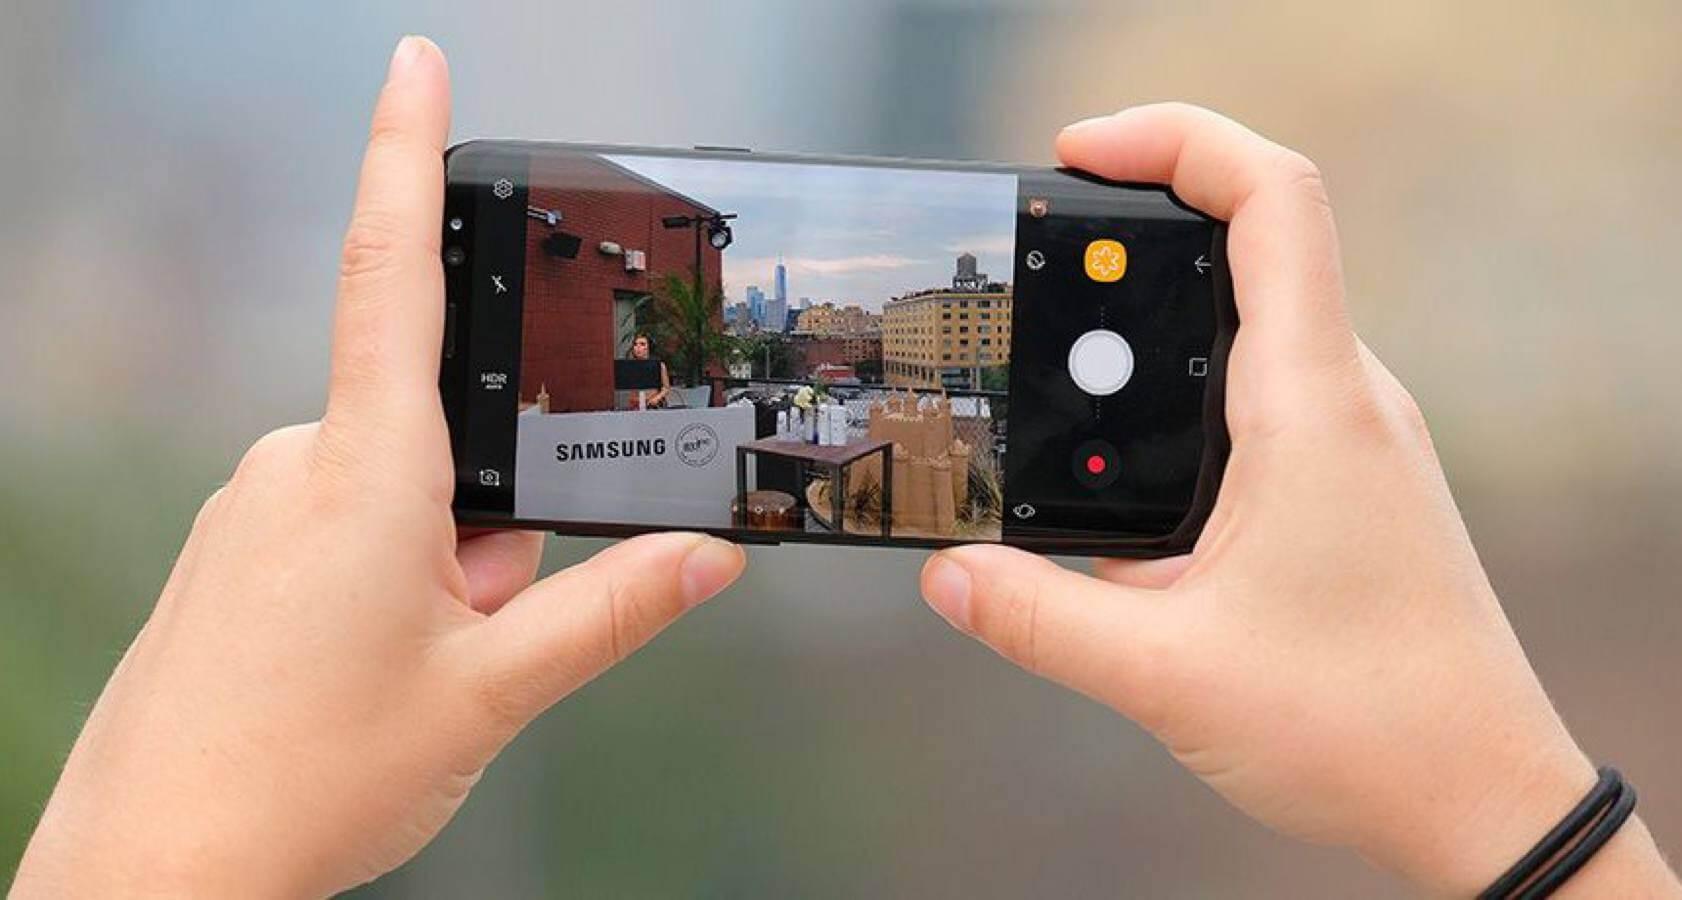 samsung galaxy s9 camera - Galaxy S9 e S9+: confira dicas da Samsung para aproveitar as câmeras